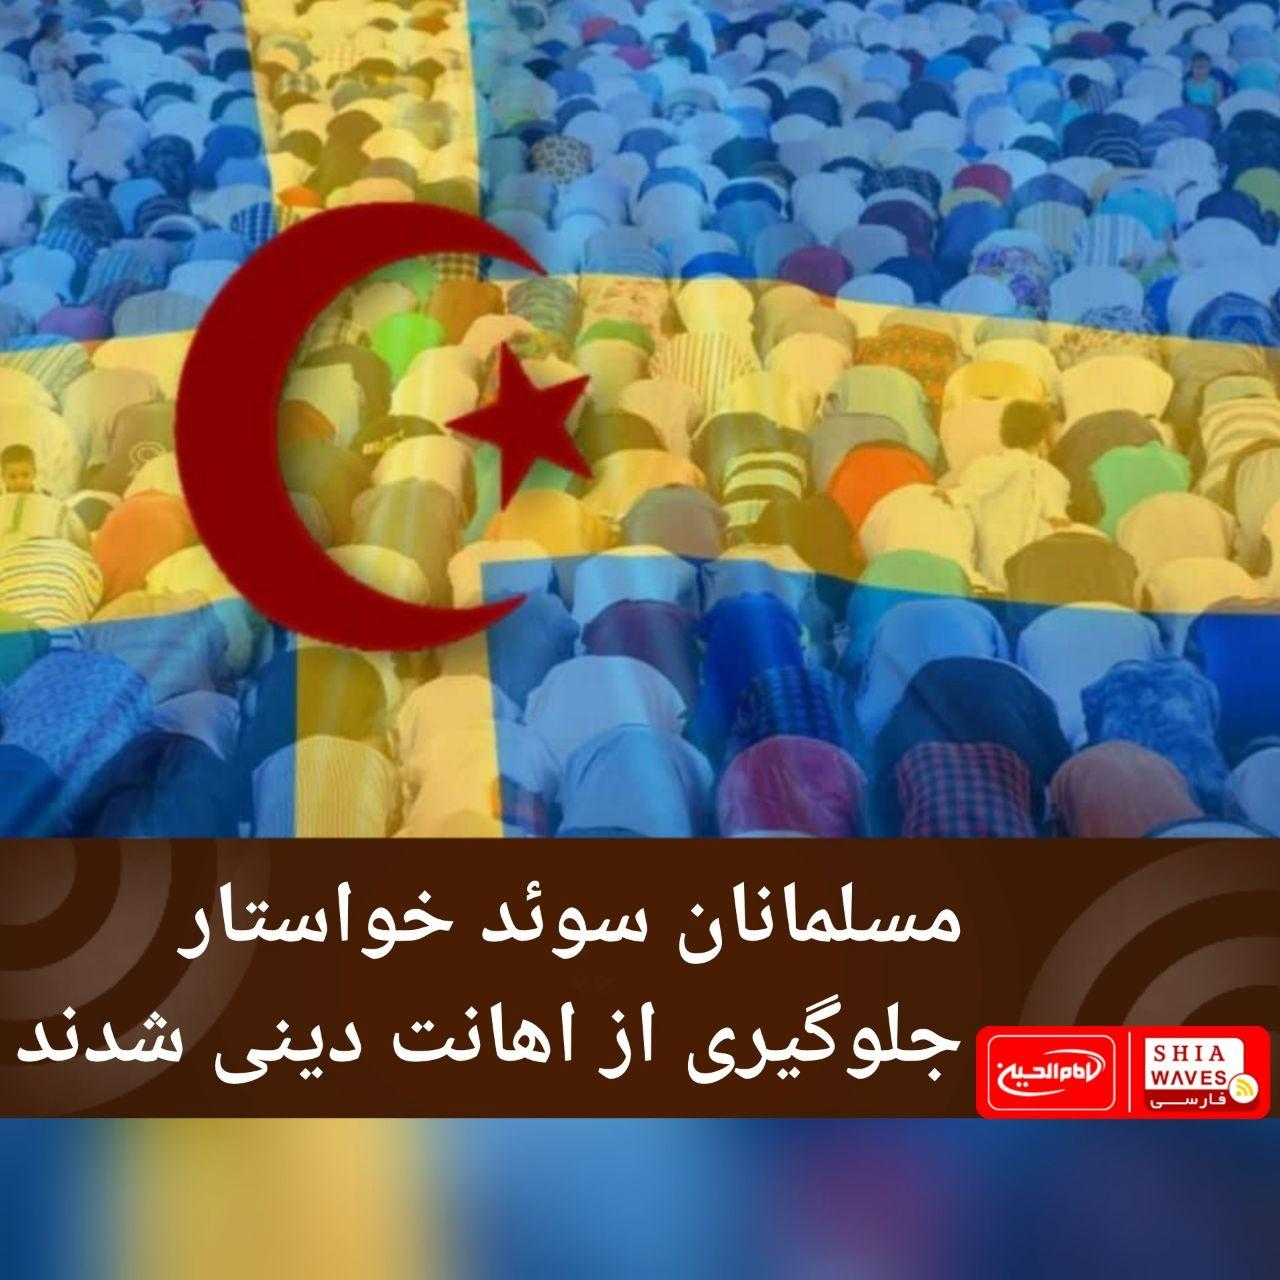 تصویر مسلمانان سوئد خواستار جلوگیری از اهانت دینی شدند